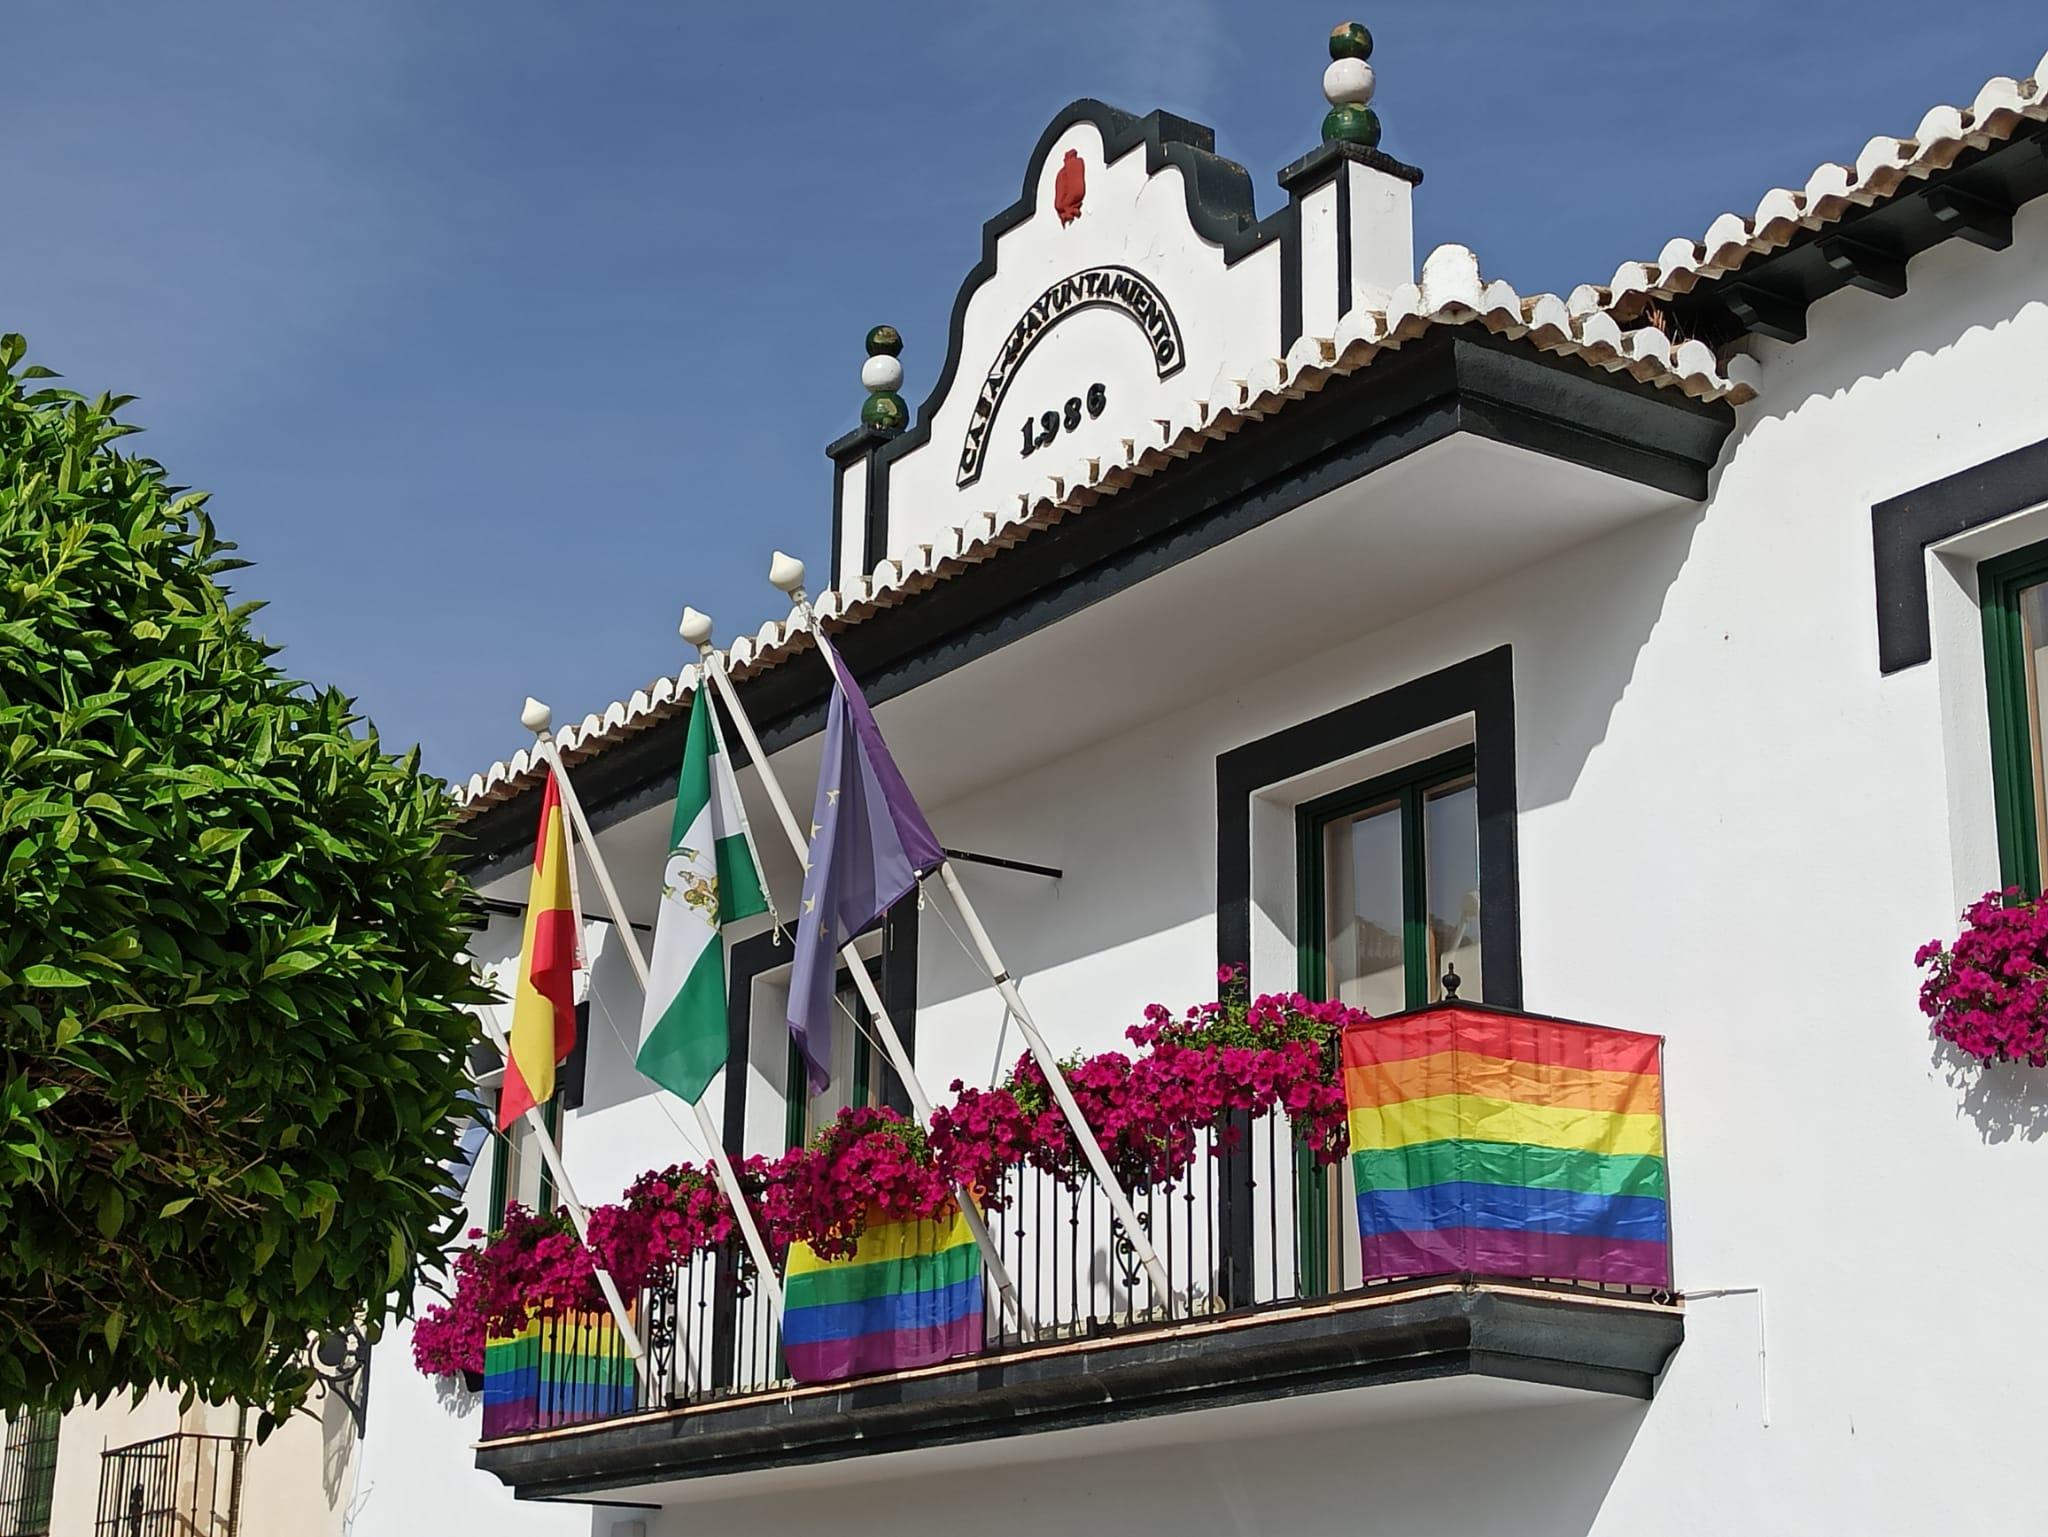 Otura celebrará el Día del Orgullo LGTBI con un picnic para jóvenes, música y cine al aire libre